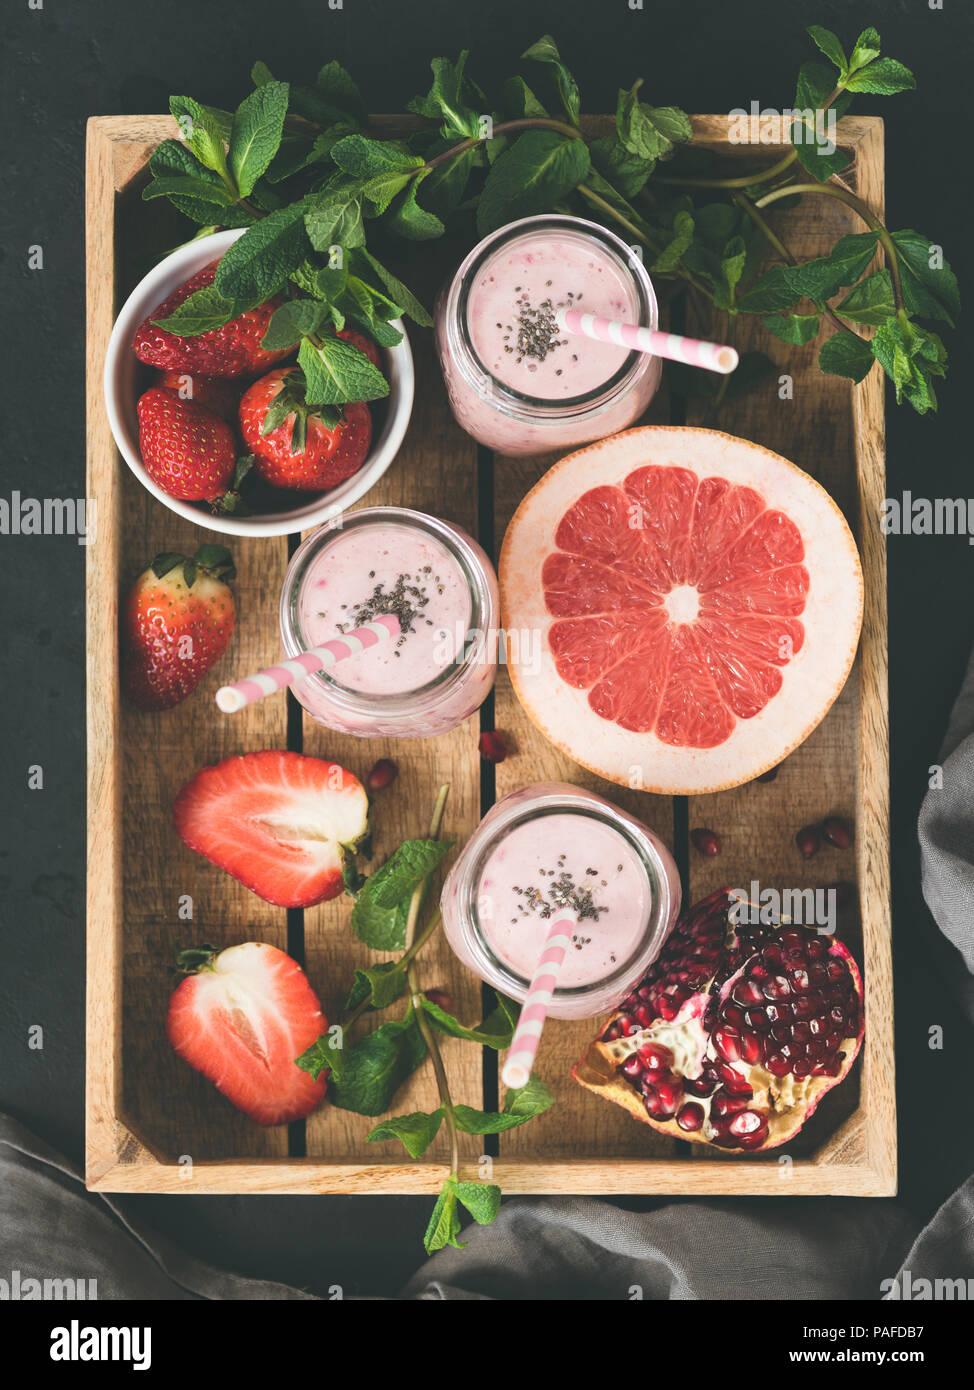 Frutta e bacche di frullati sul vassoio in legno, vista dall'alto, tonica immagine. Concetto di stile di vita sano e mangiare sano Immagini Stock